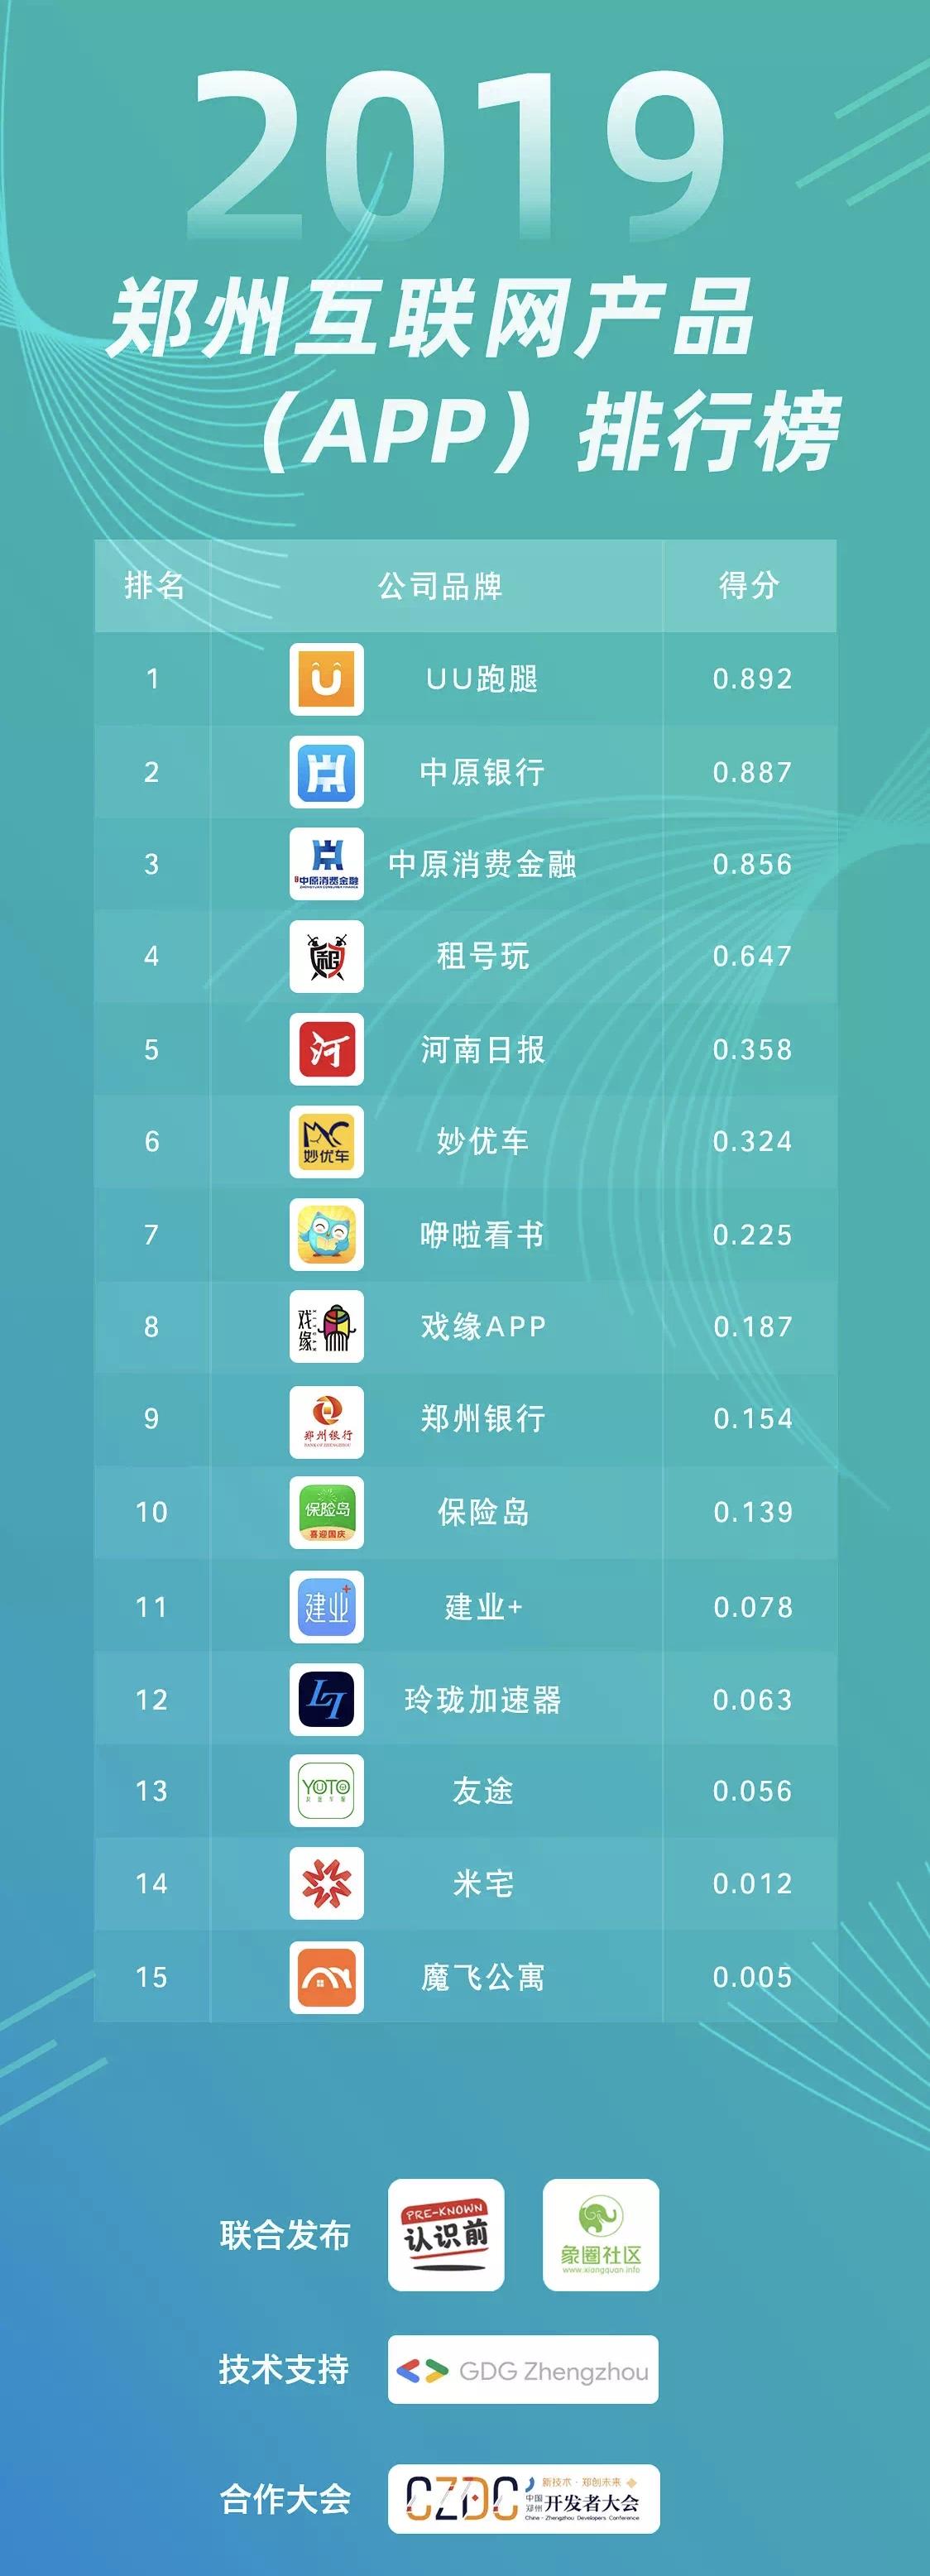 郑州互联网公司排行榜出炉!UU跑腿领跑,中原消费金融紧随其后